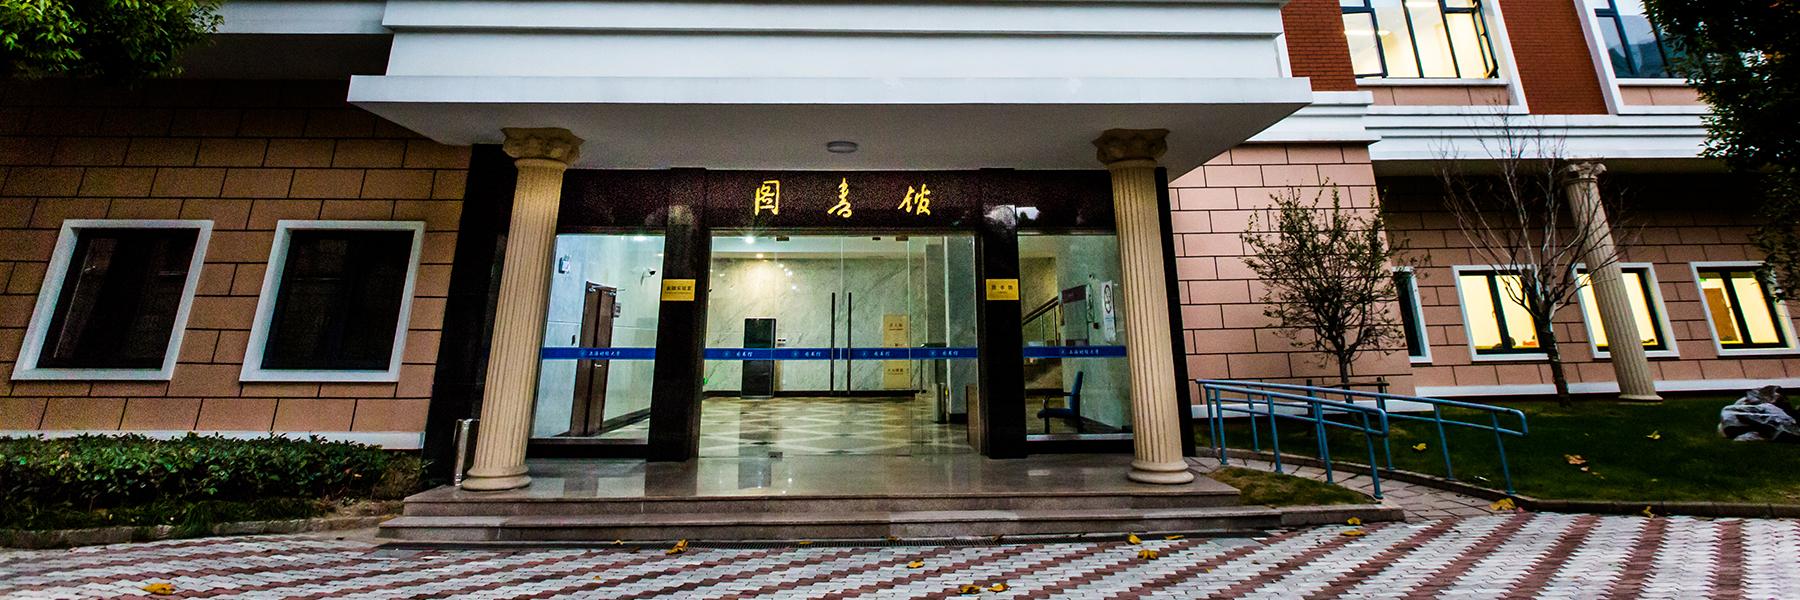 上海财经大学图书馆1